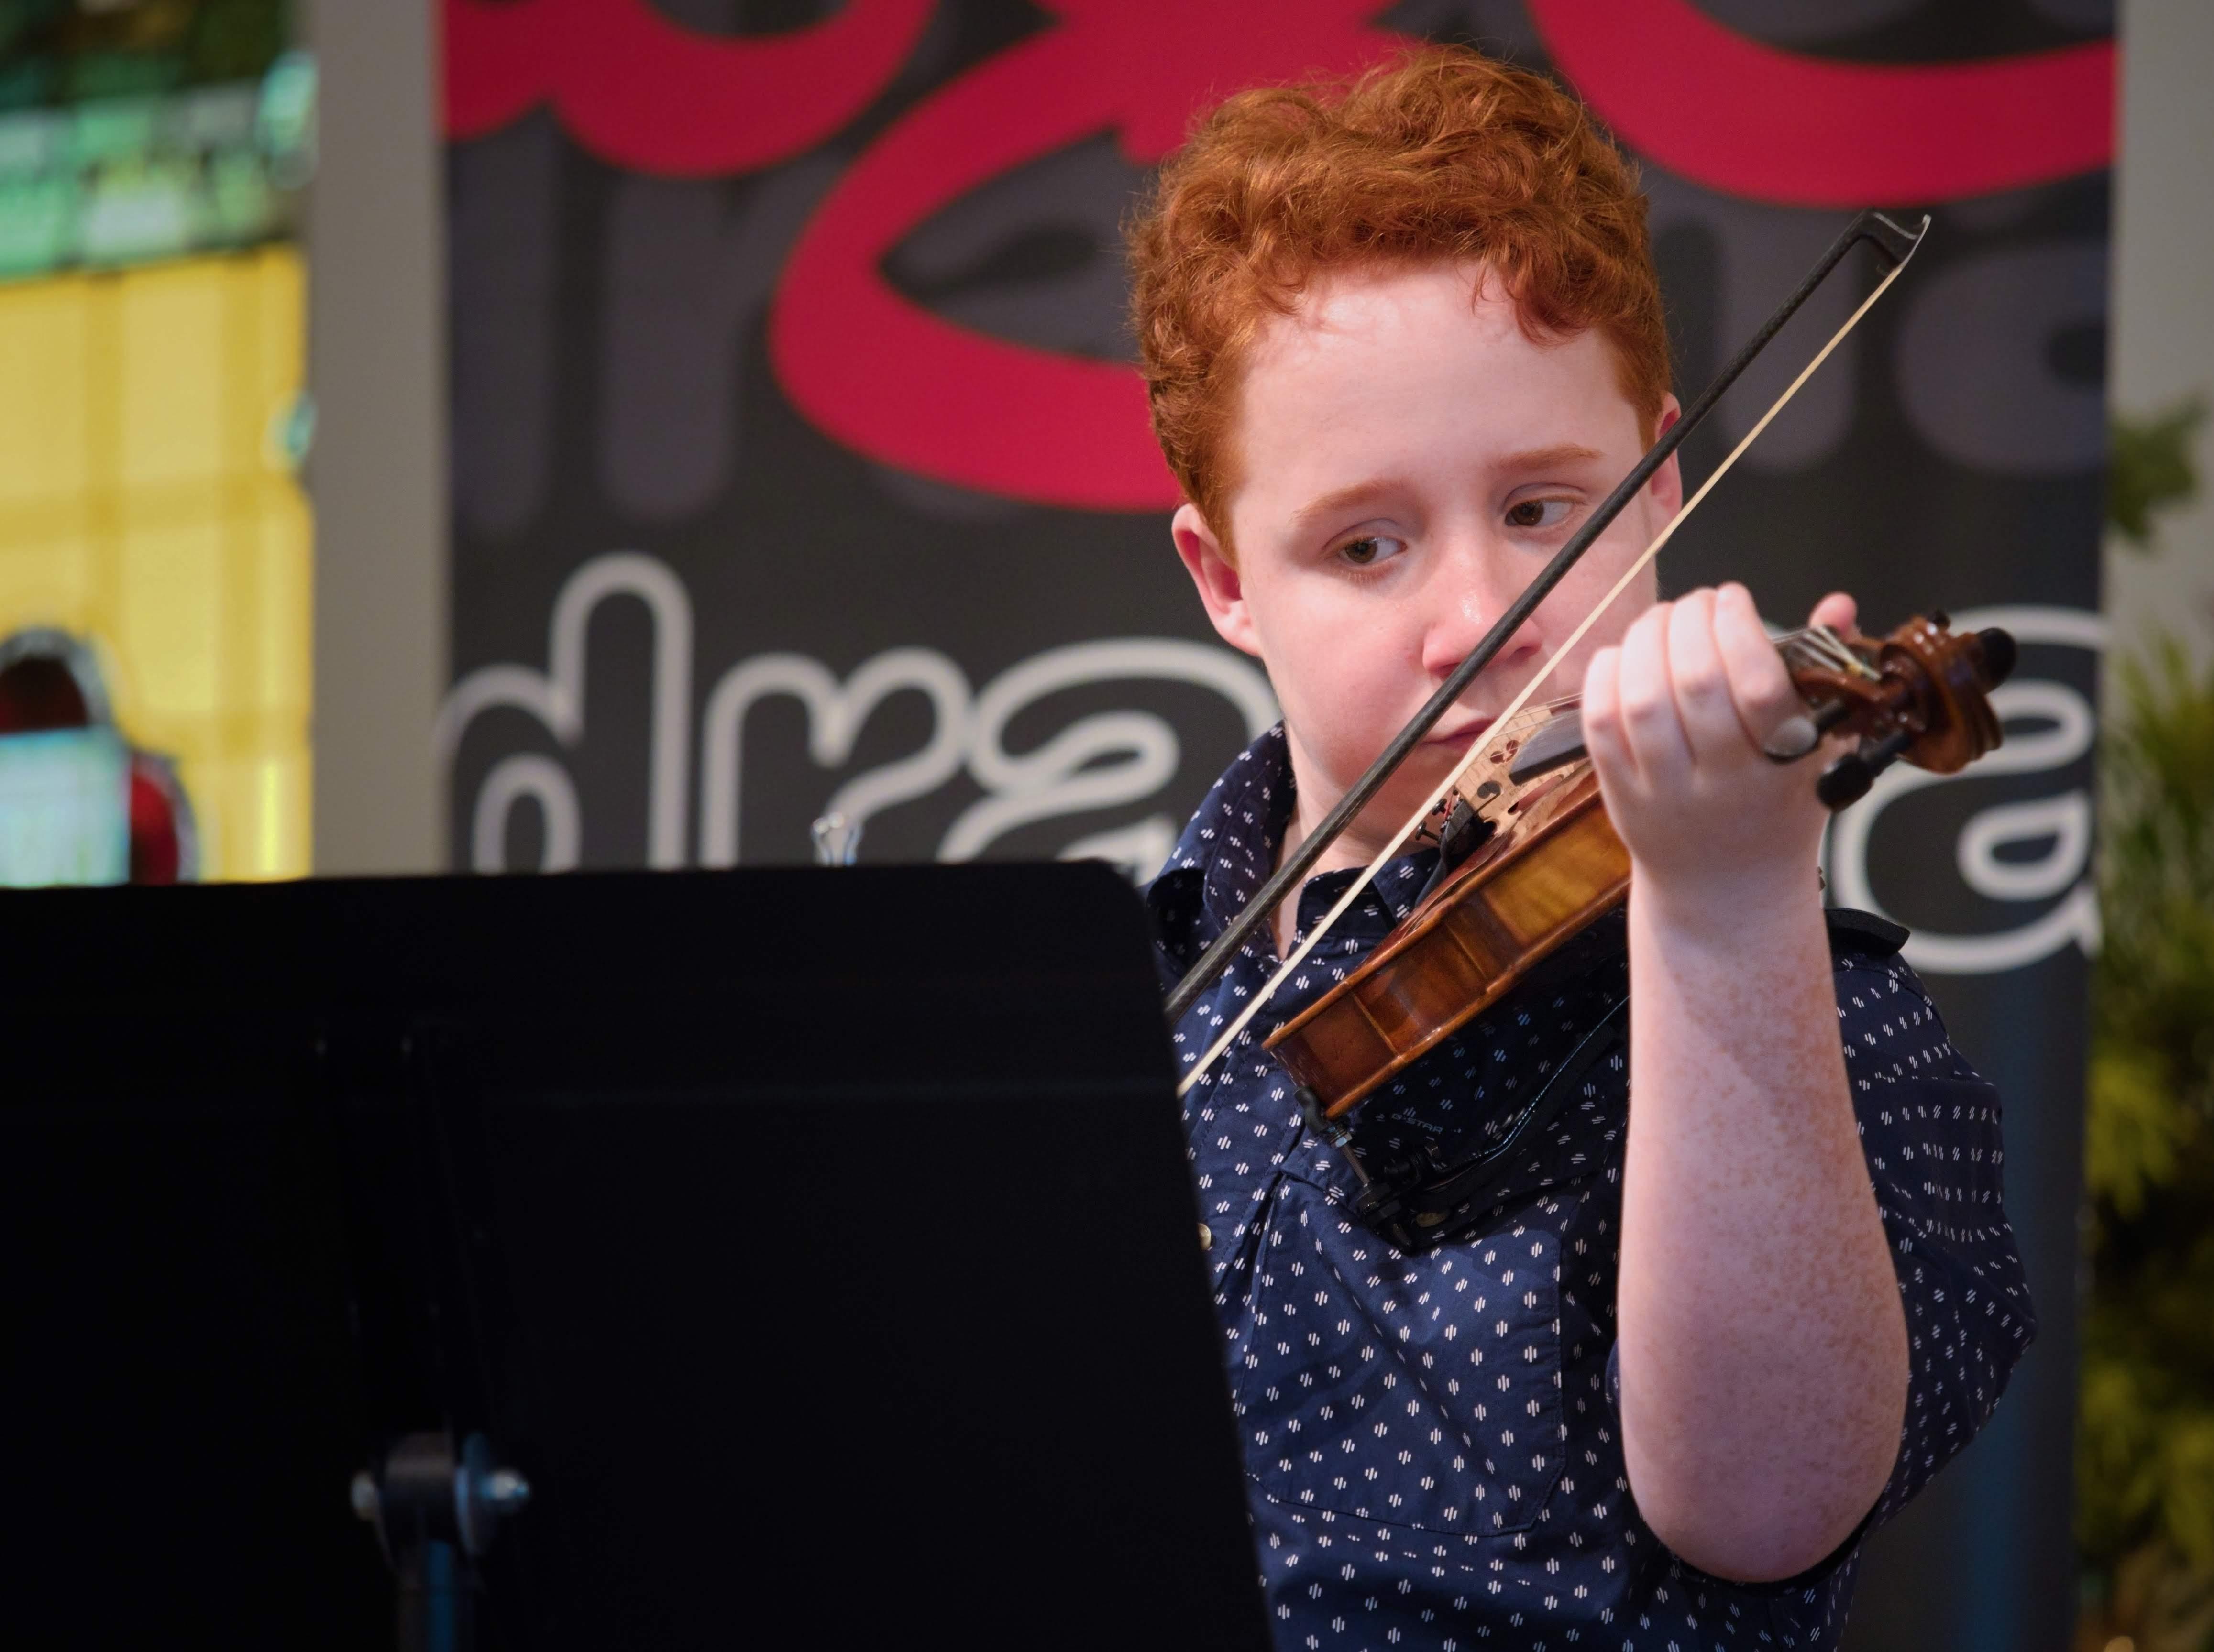 WGE Instrumental Aaron Hoogendoorn Displays His Skill on the Violin